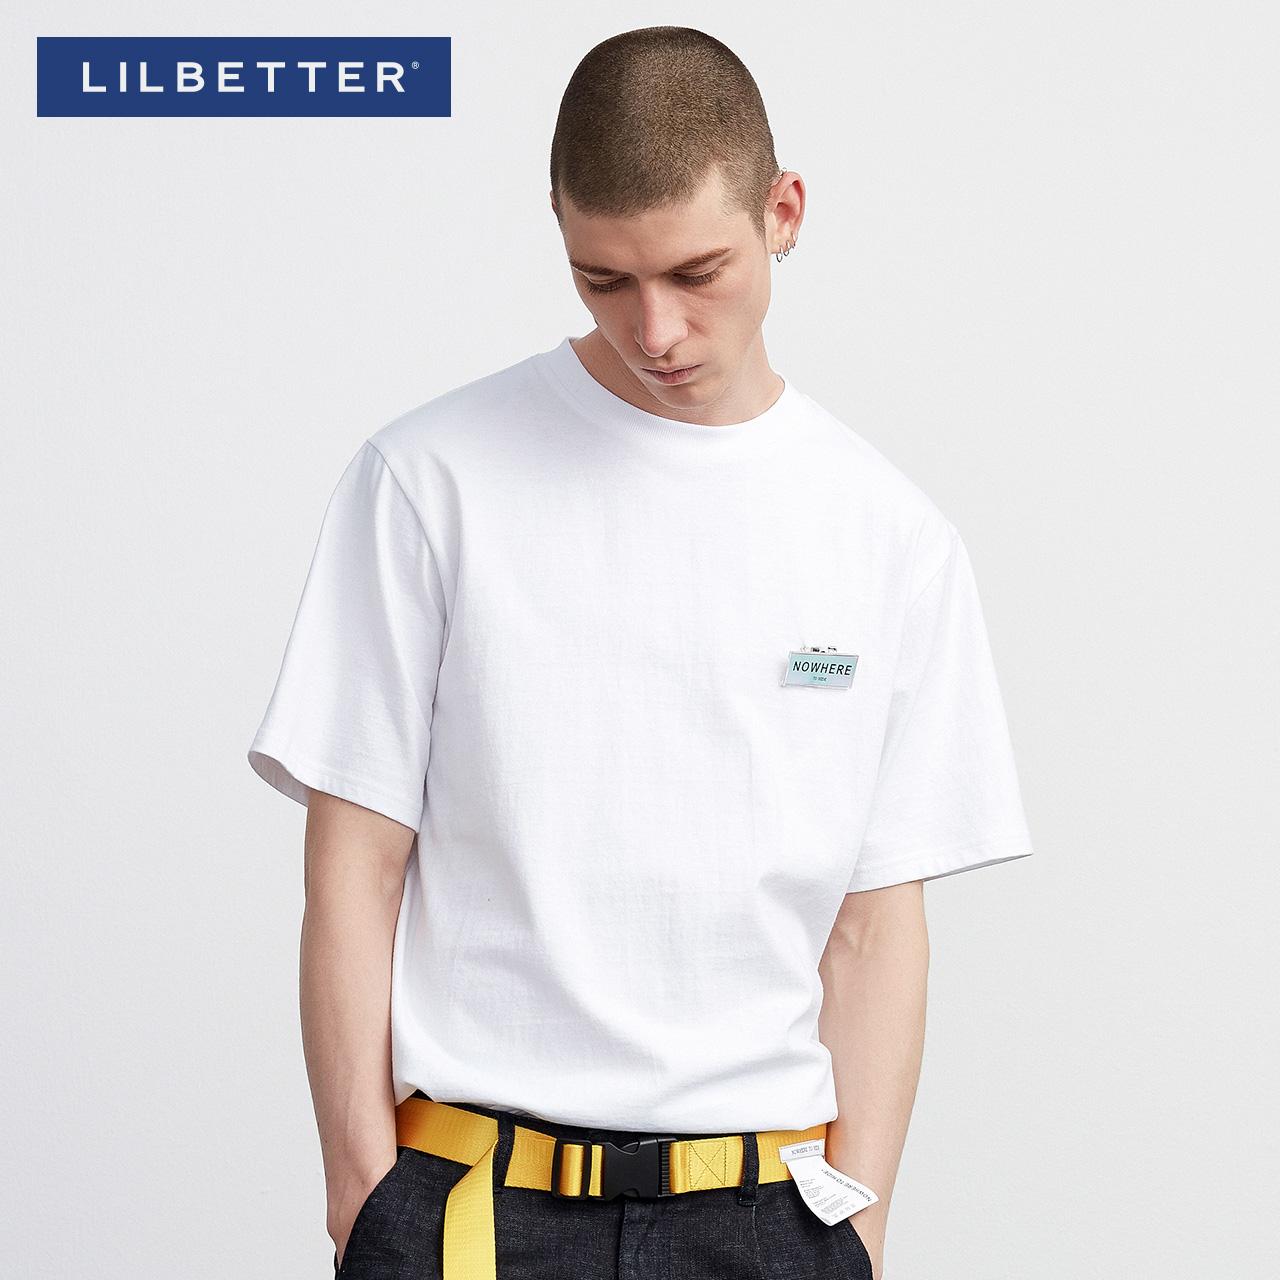 lilbetter簡約純色潮流圓領套頭t恤